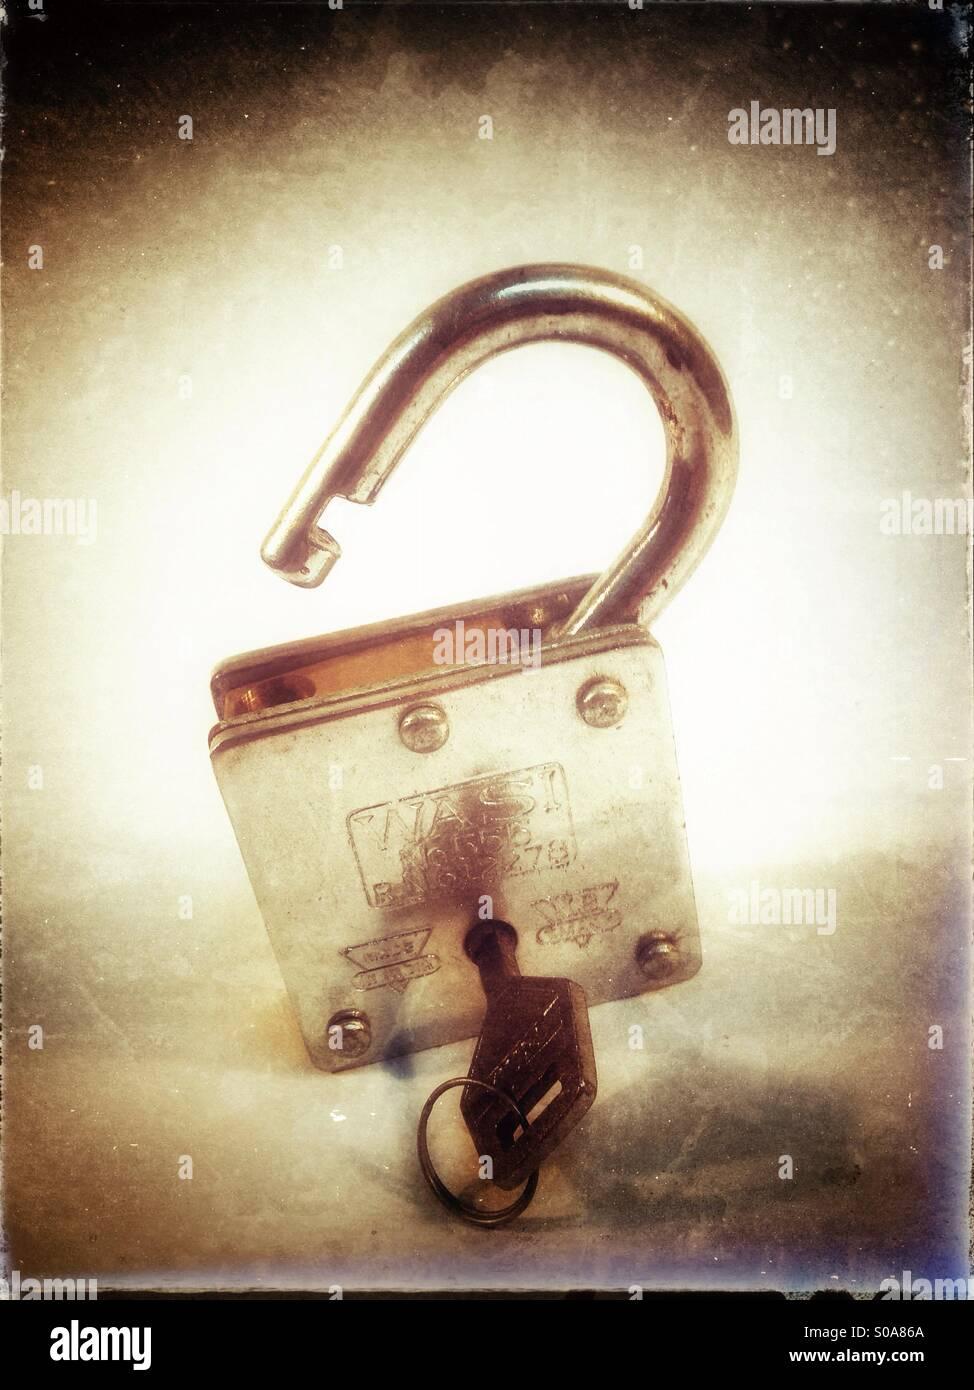 Serratura e chiave. Serratura aperta. Immagini Stock